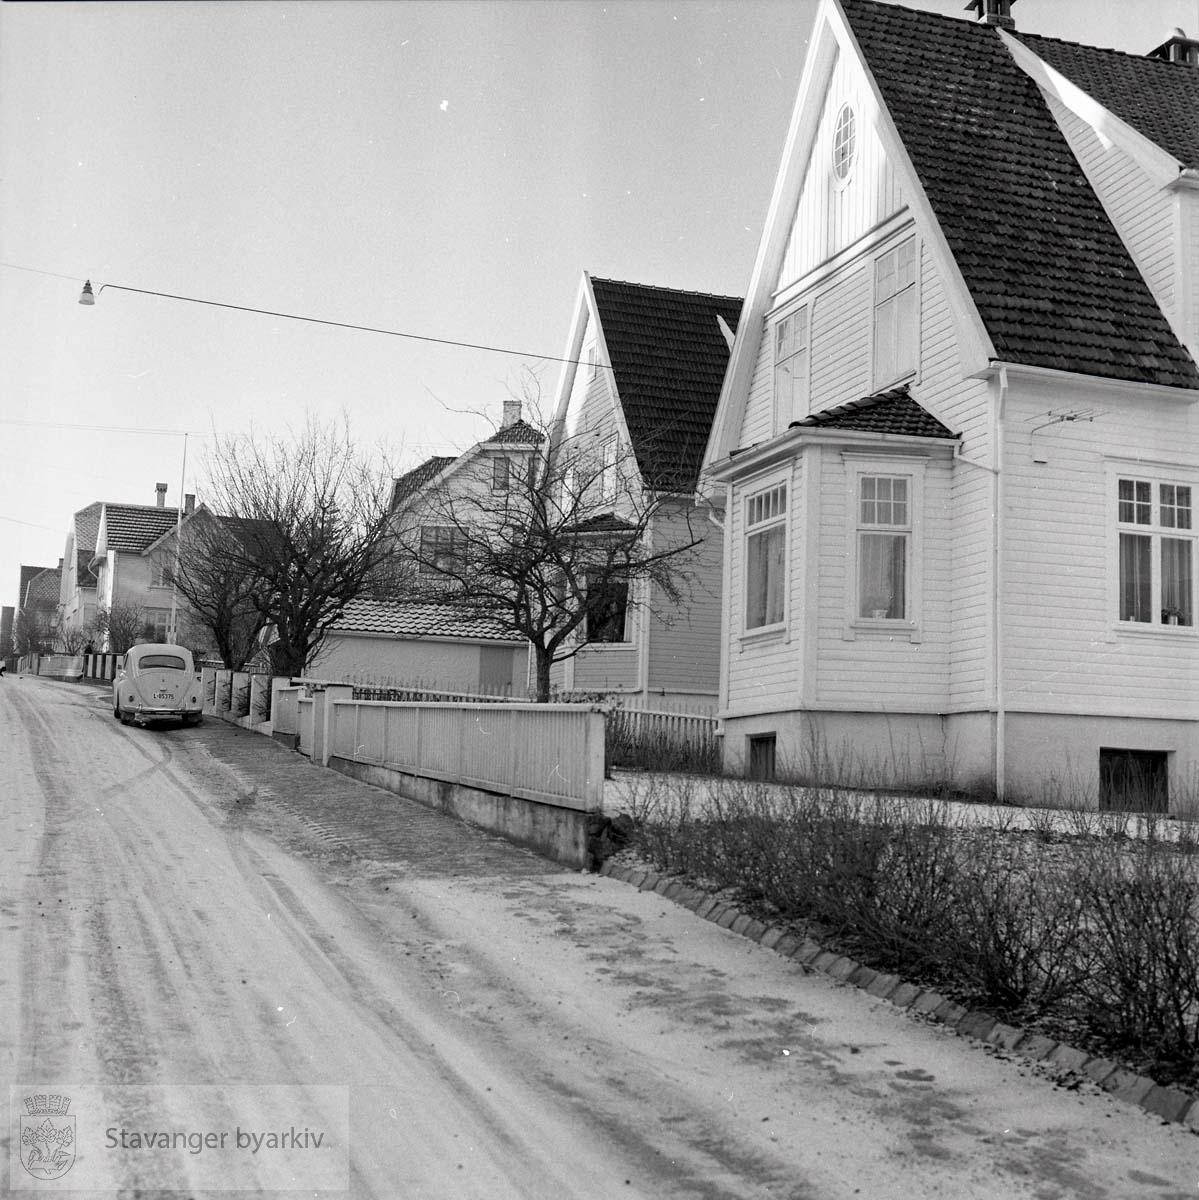 Biskop Njåls gate